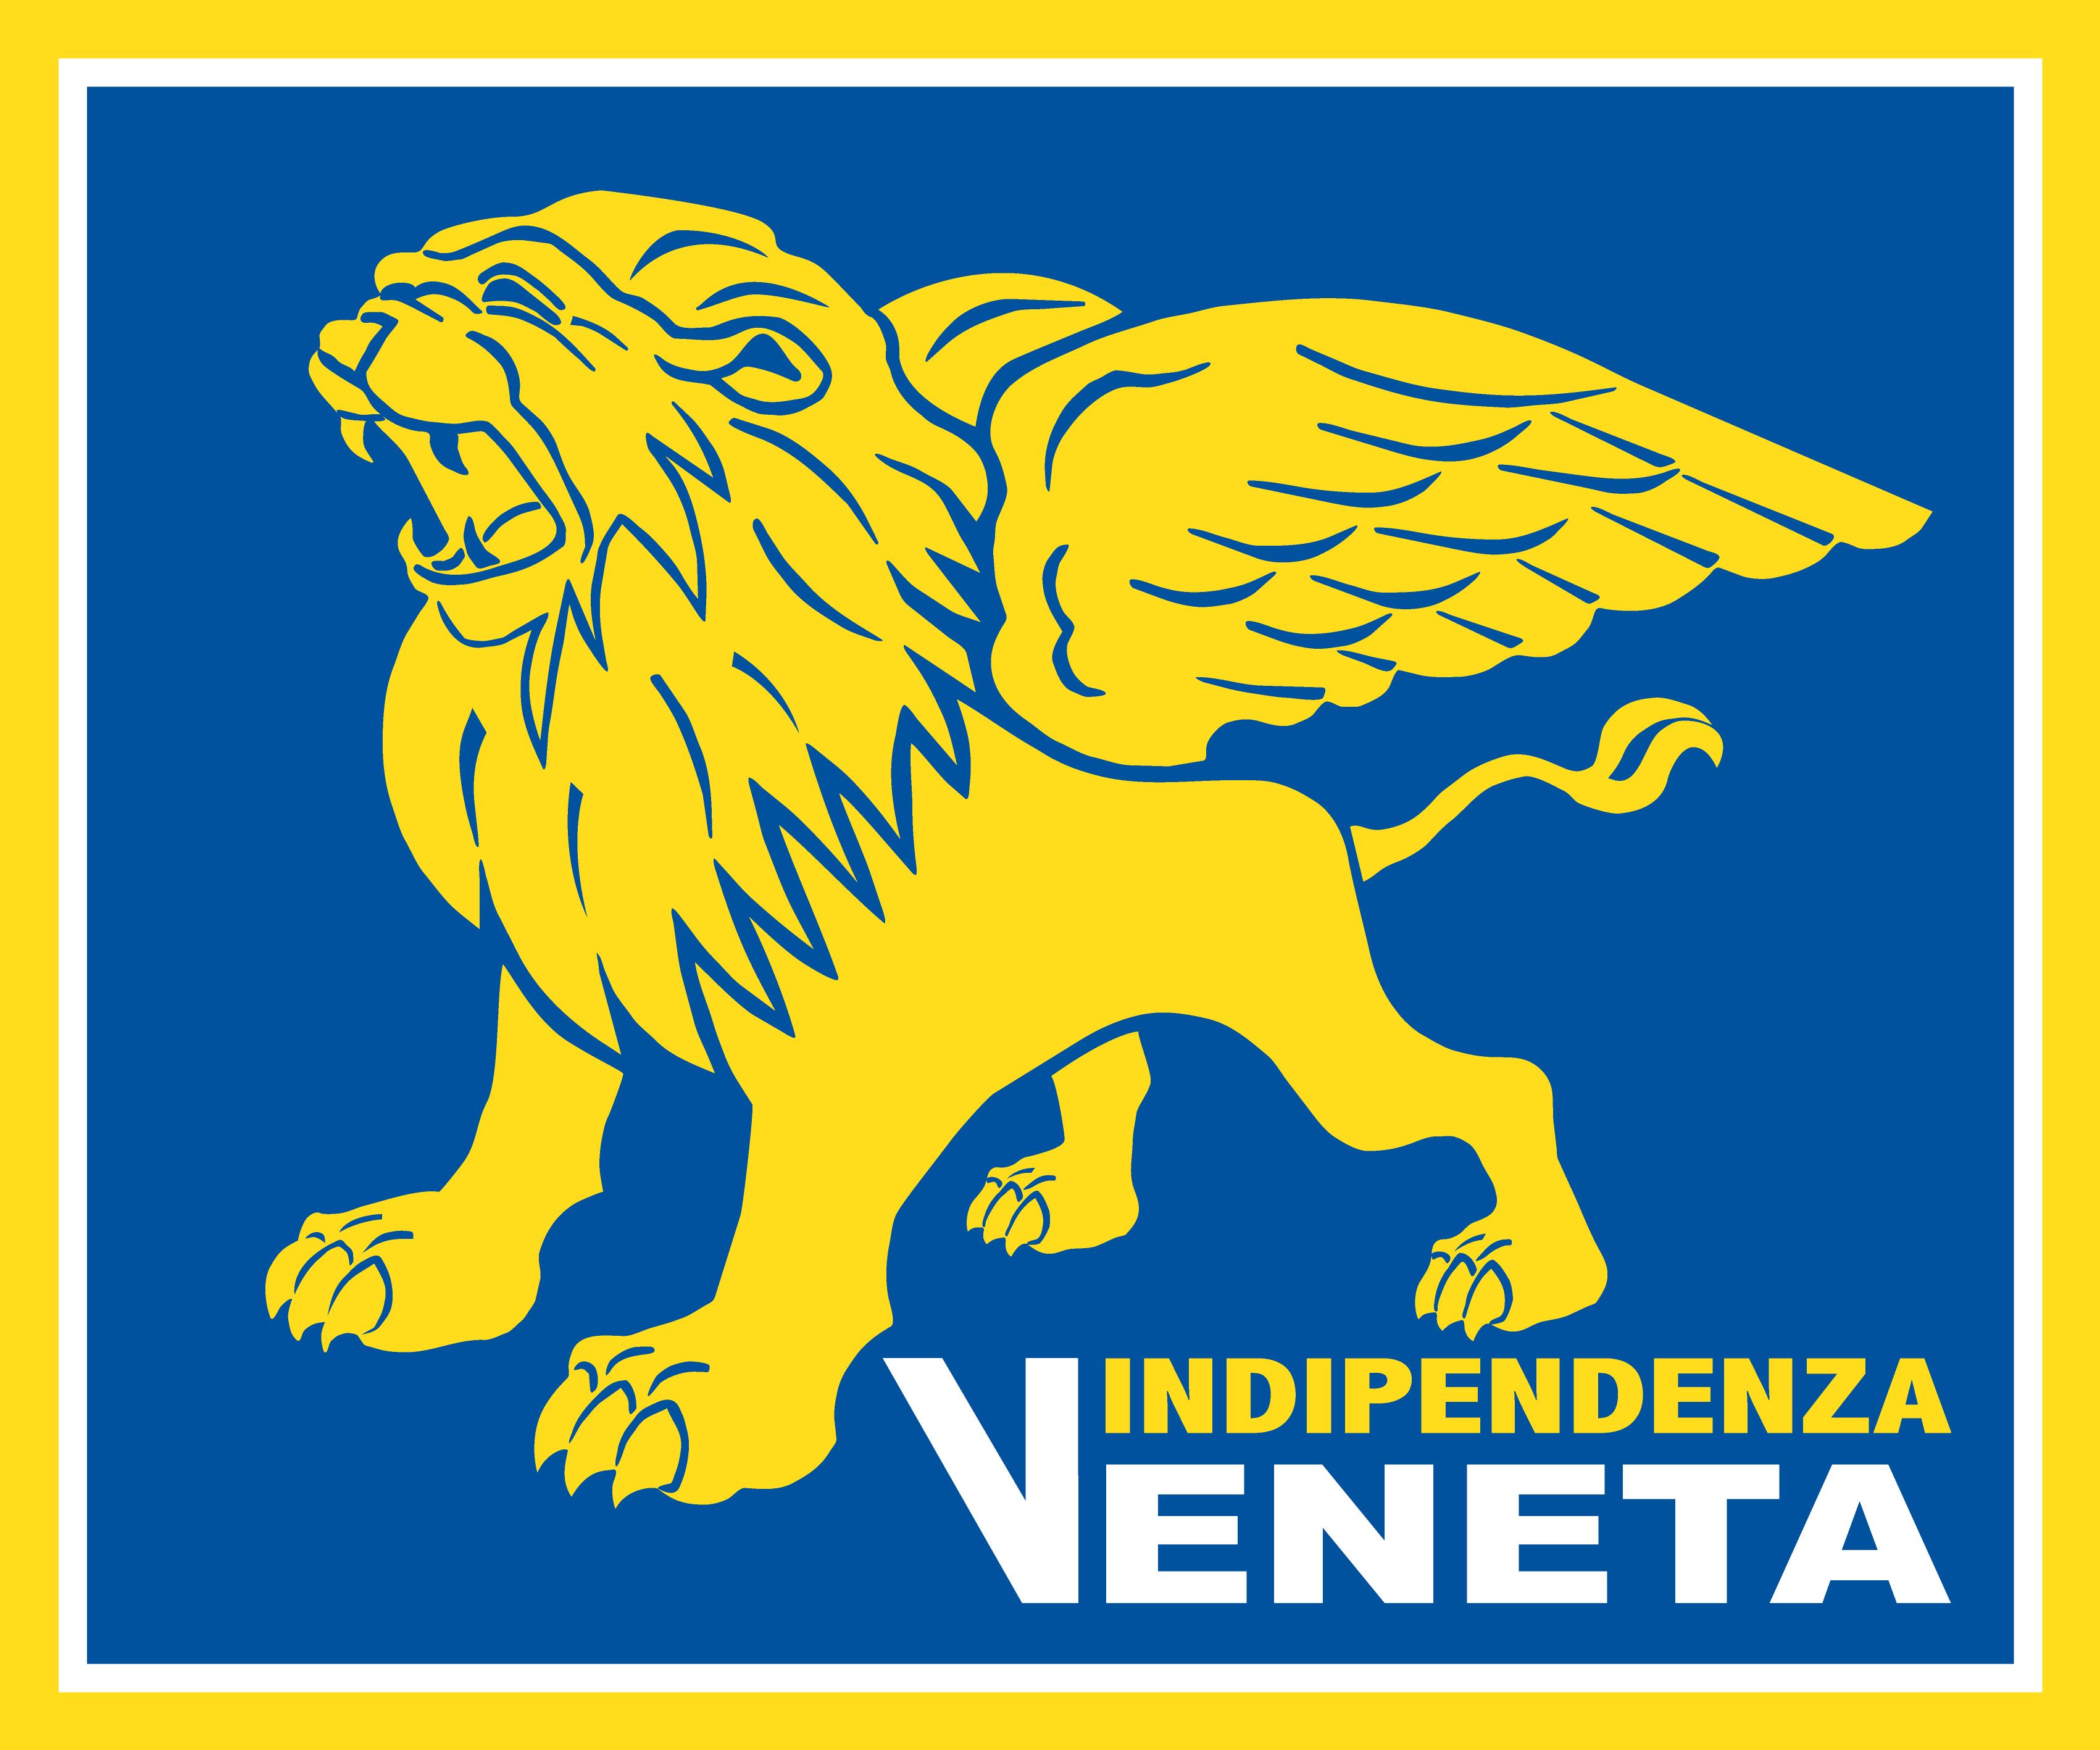 IL PRESIDENTE UE BARROSO CONFERMA INDIPENDENZA VENETA